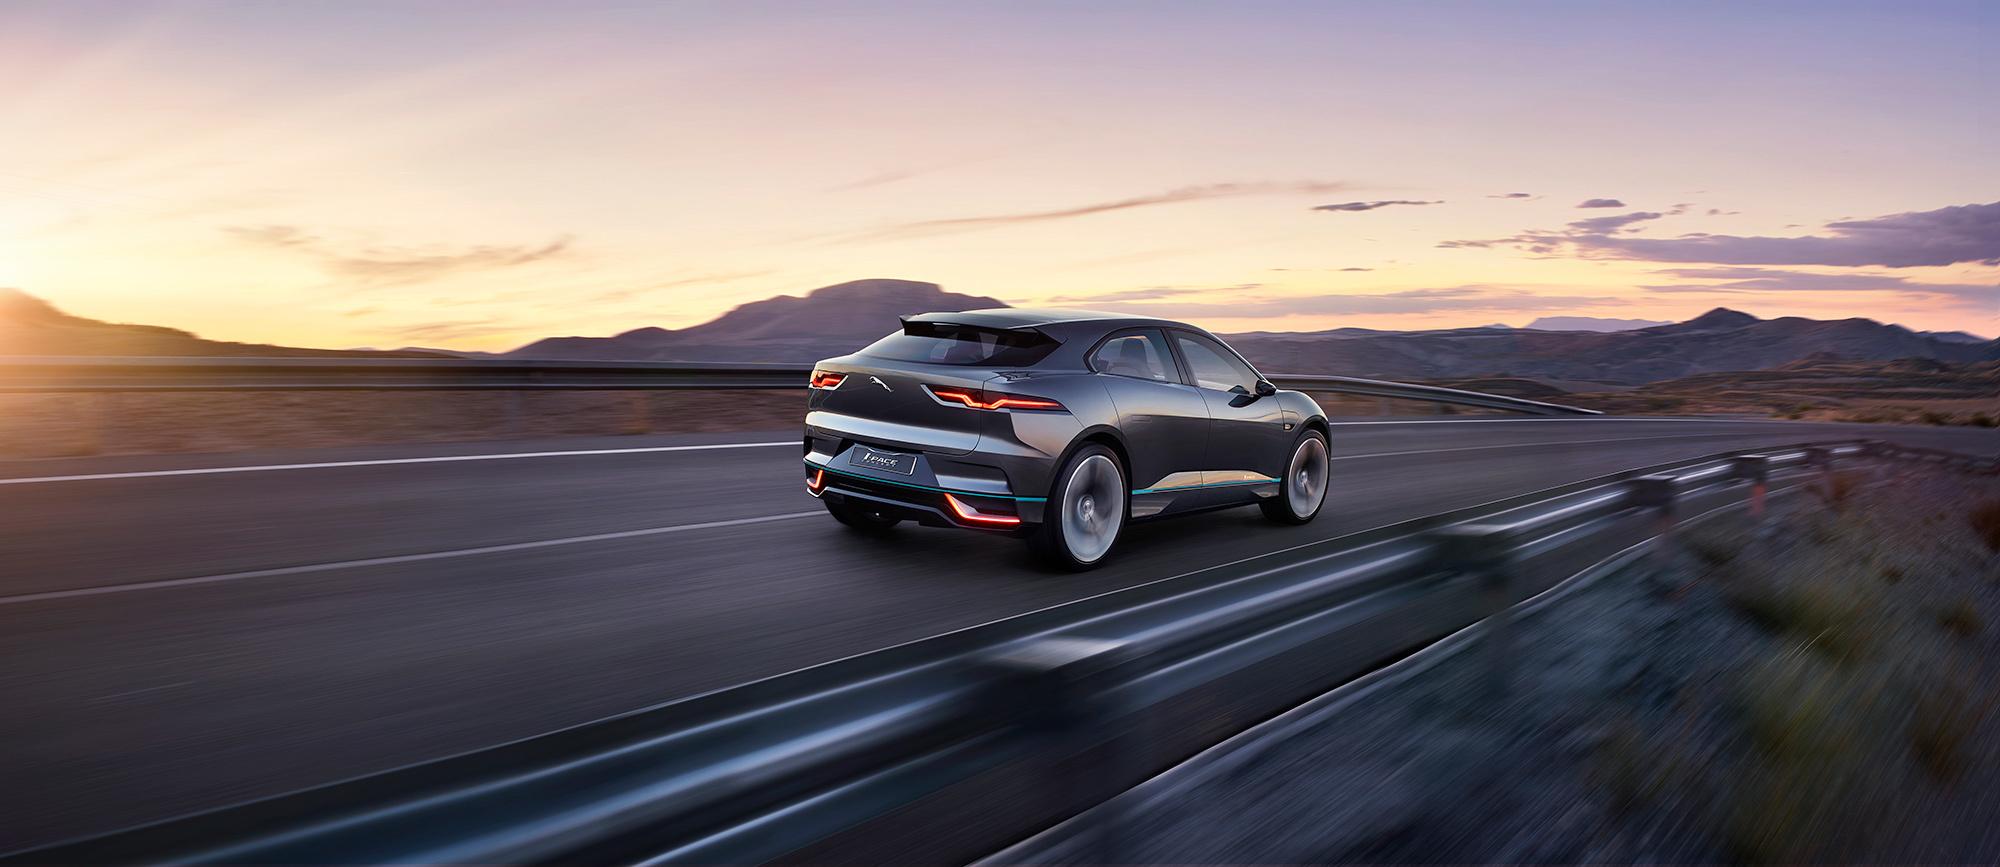 De beste laadpaal voor een Jaguar I-Pace? - ENGIE